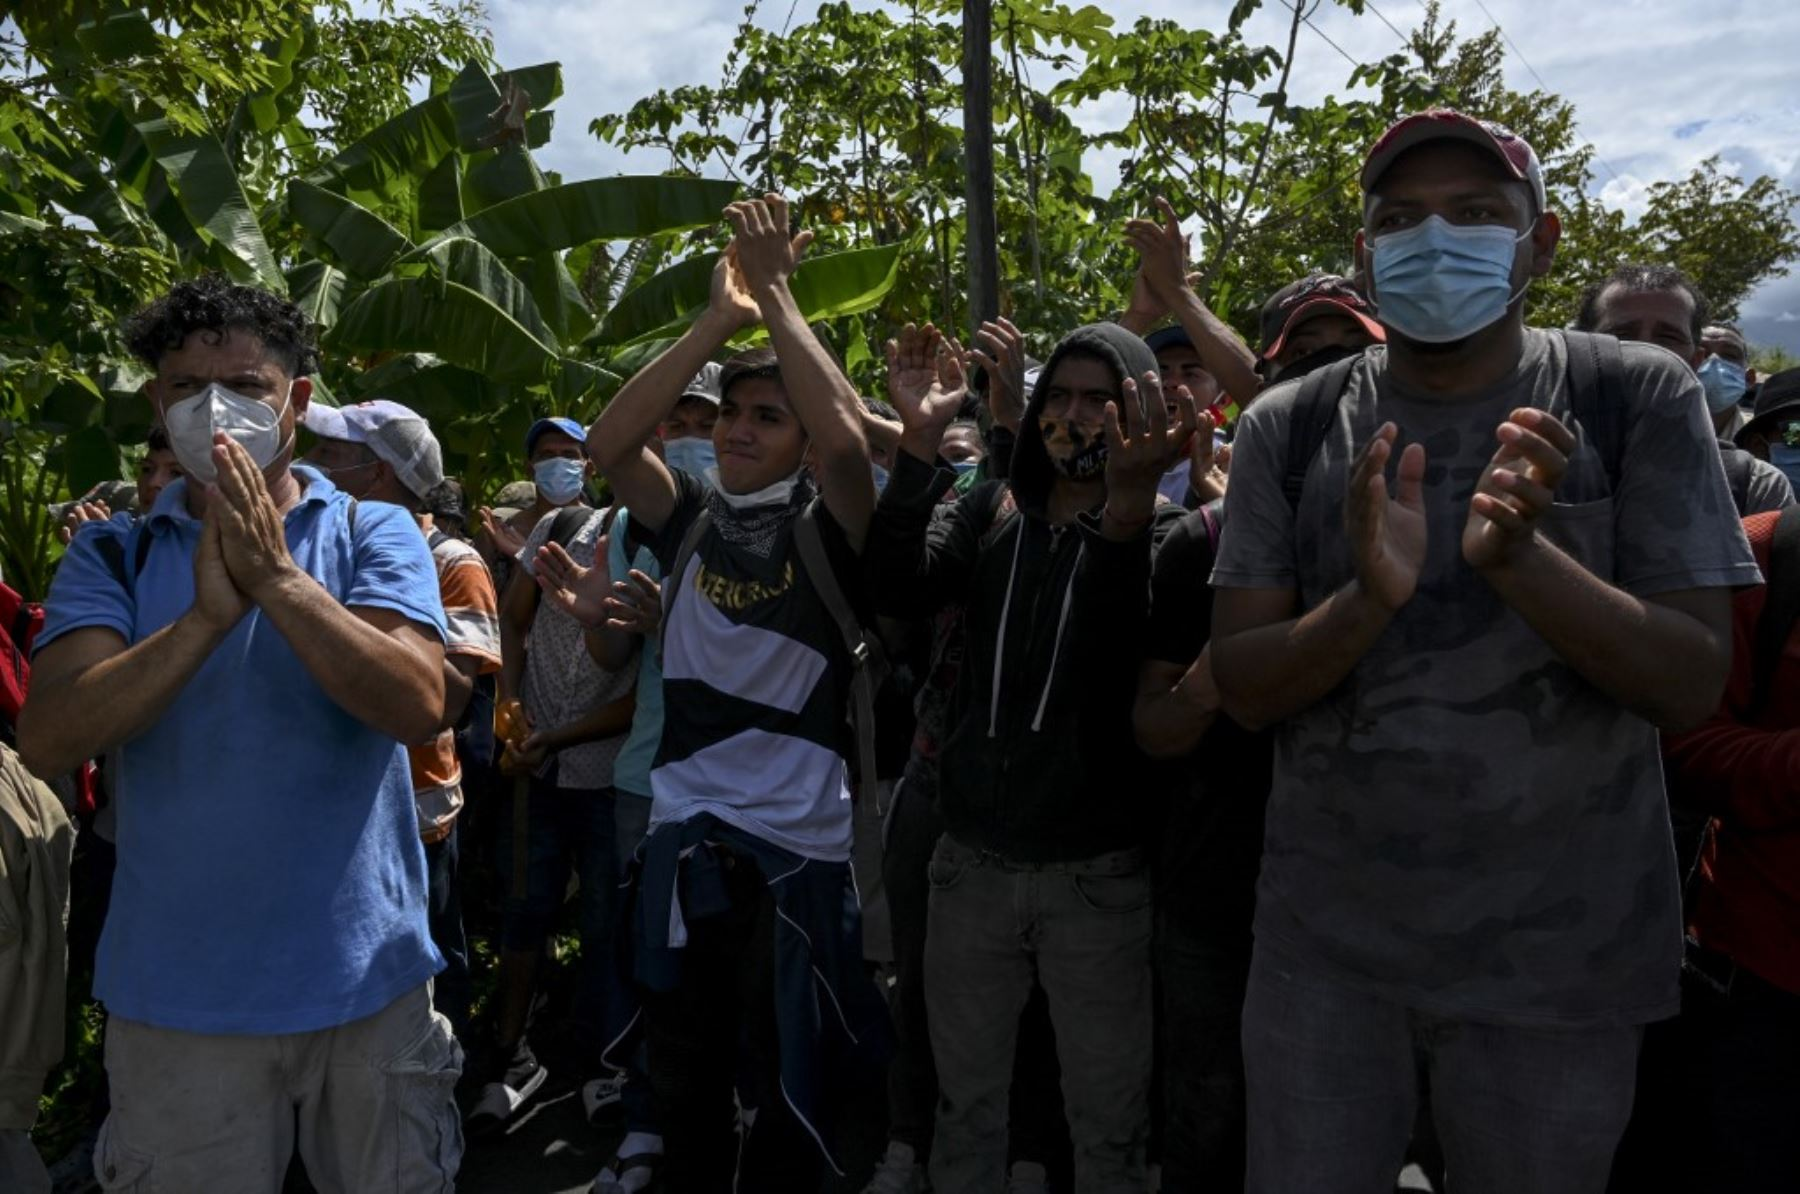 Los migrantes hondureños, parte de una caravana rumbo a Estados Unidos, aplauden a los miembros del Ejército de Guatemala que los dejaron pasar, en Entre Ríos, Guatemala, luego de cruzar la frontera de Honduras. Foto: AFP